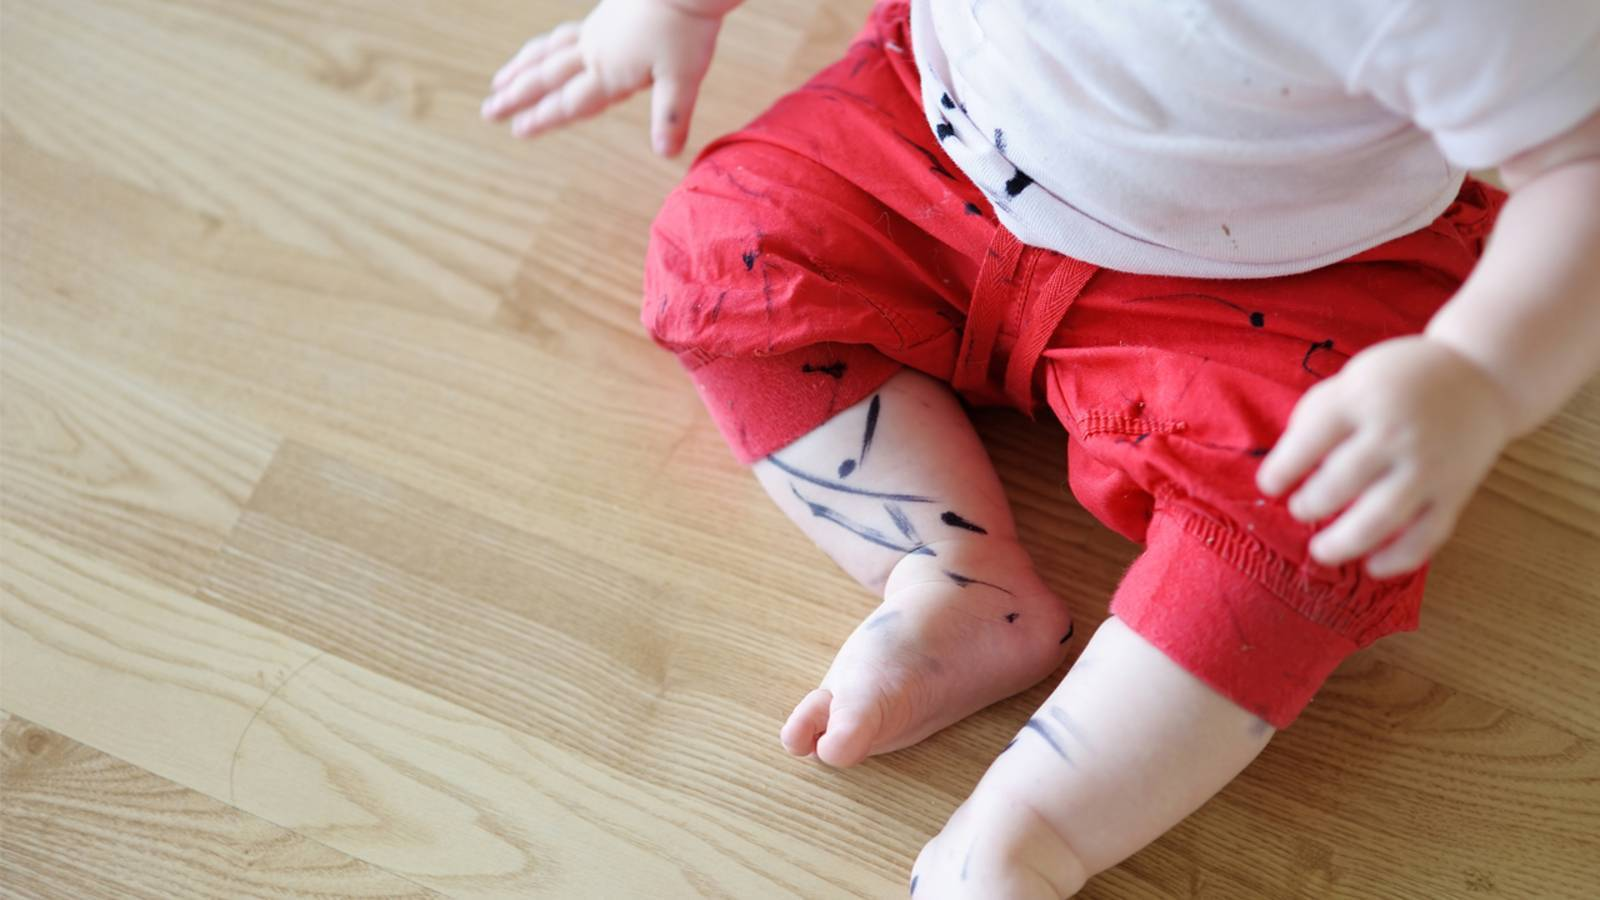 Чем отмыть фломастер с кожи ребенка: способы, средства и полезные советы - женский сайт. интересные статьи для женщин и девушек - медиаплатформа миртесен